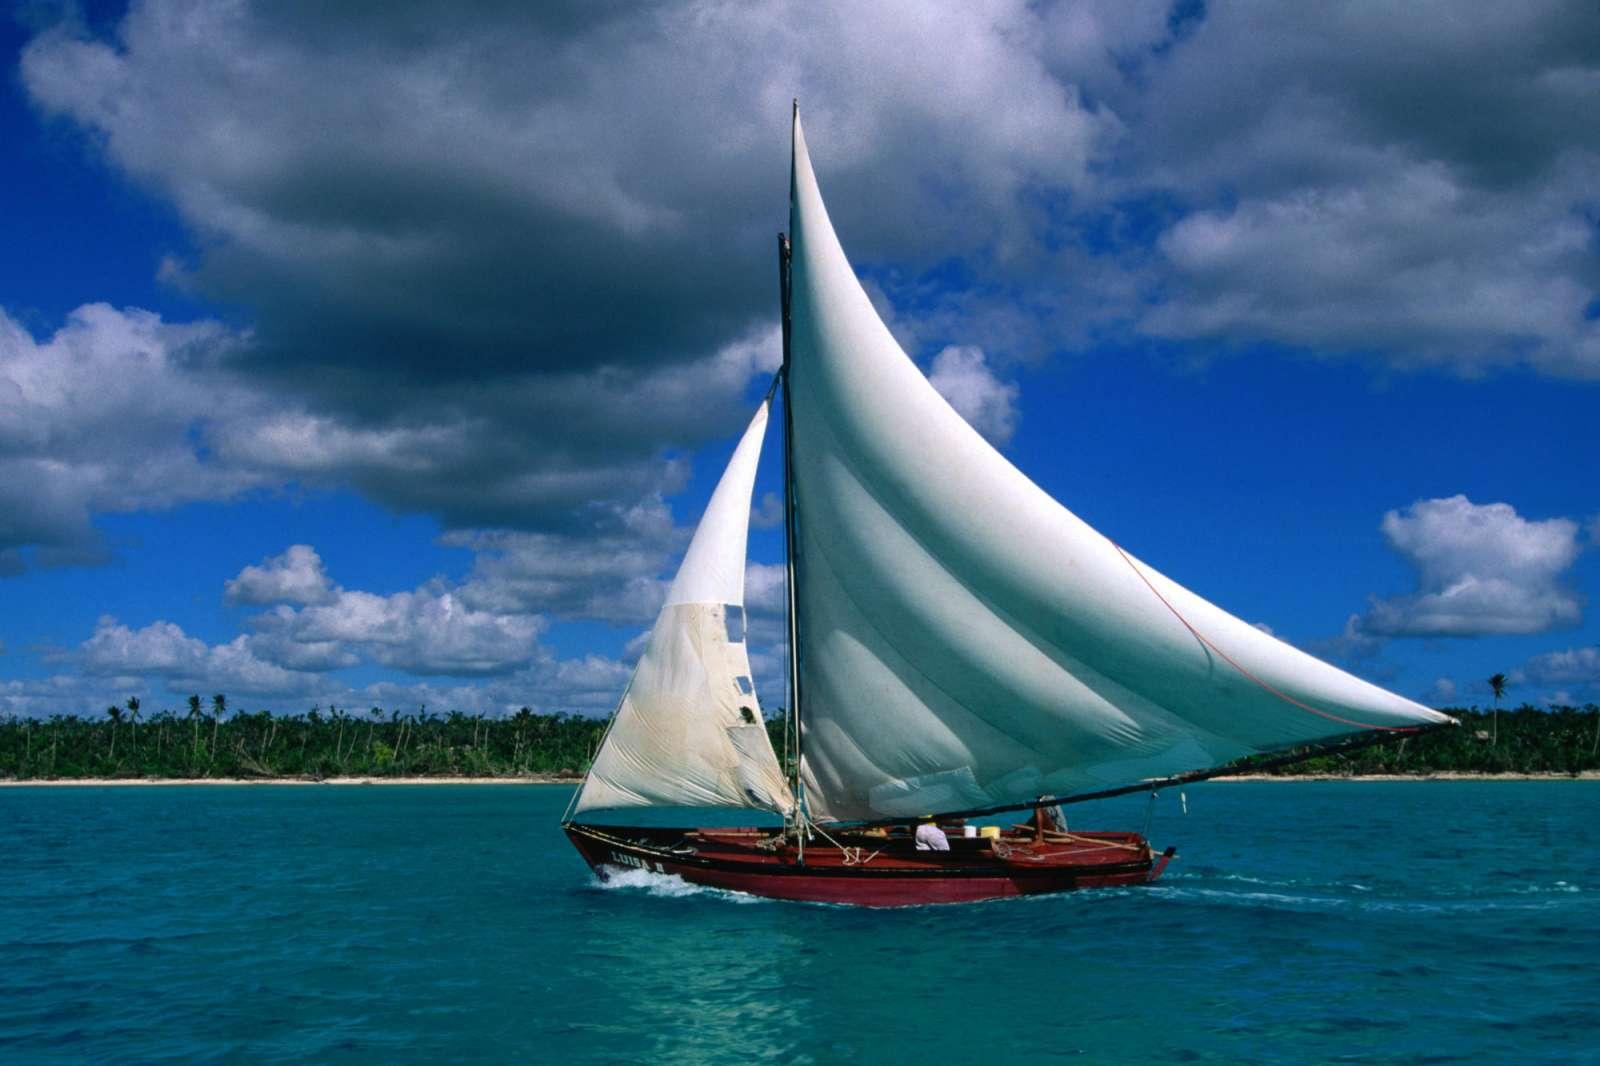 Caribbean Scenes Wallpapers   Download Fishing Sailboat Bayahibe 1600x1066